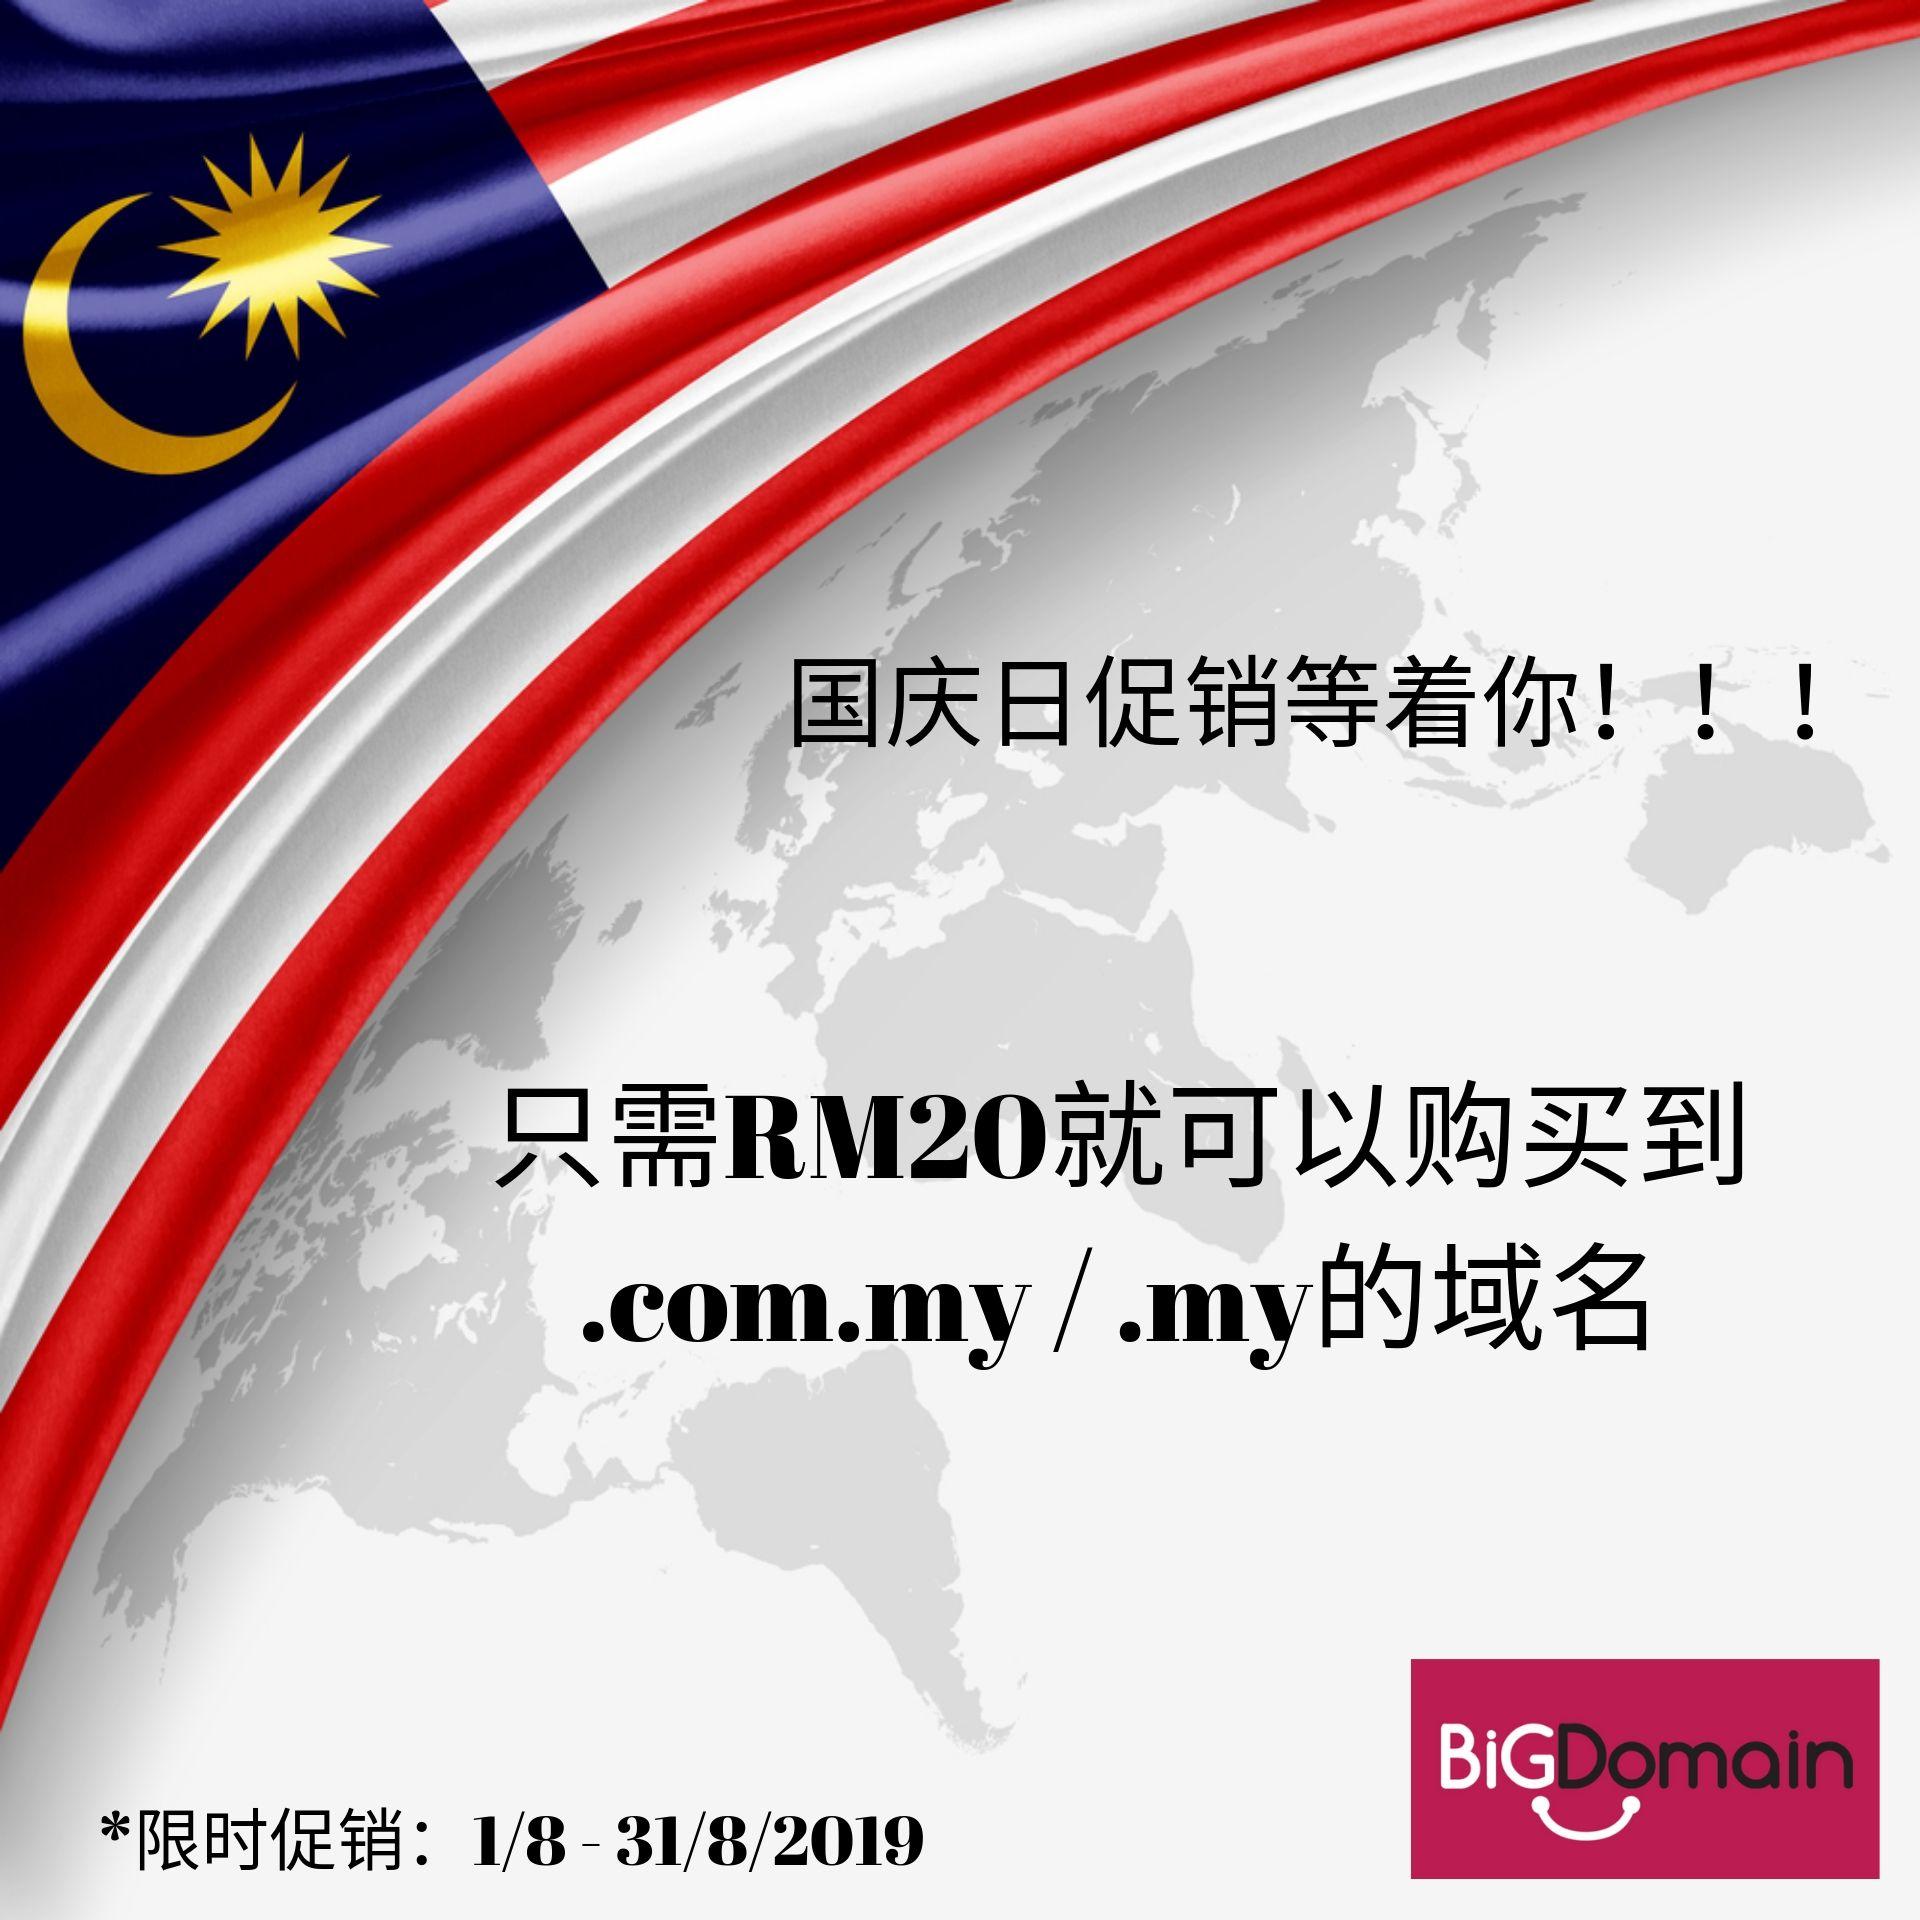 国庆域名促销只需RM20!优惠等着你!